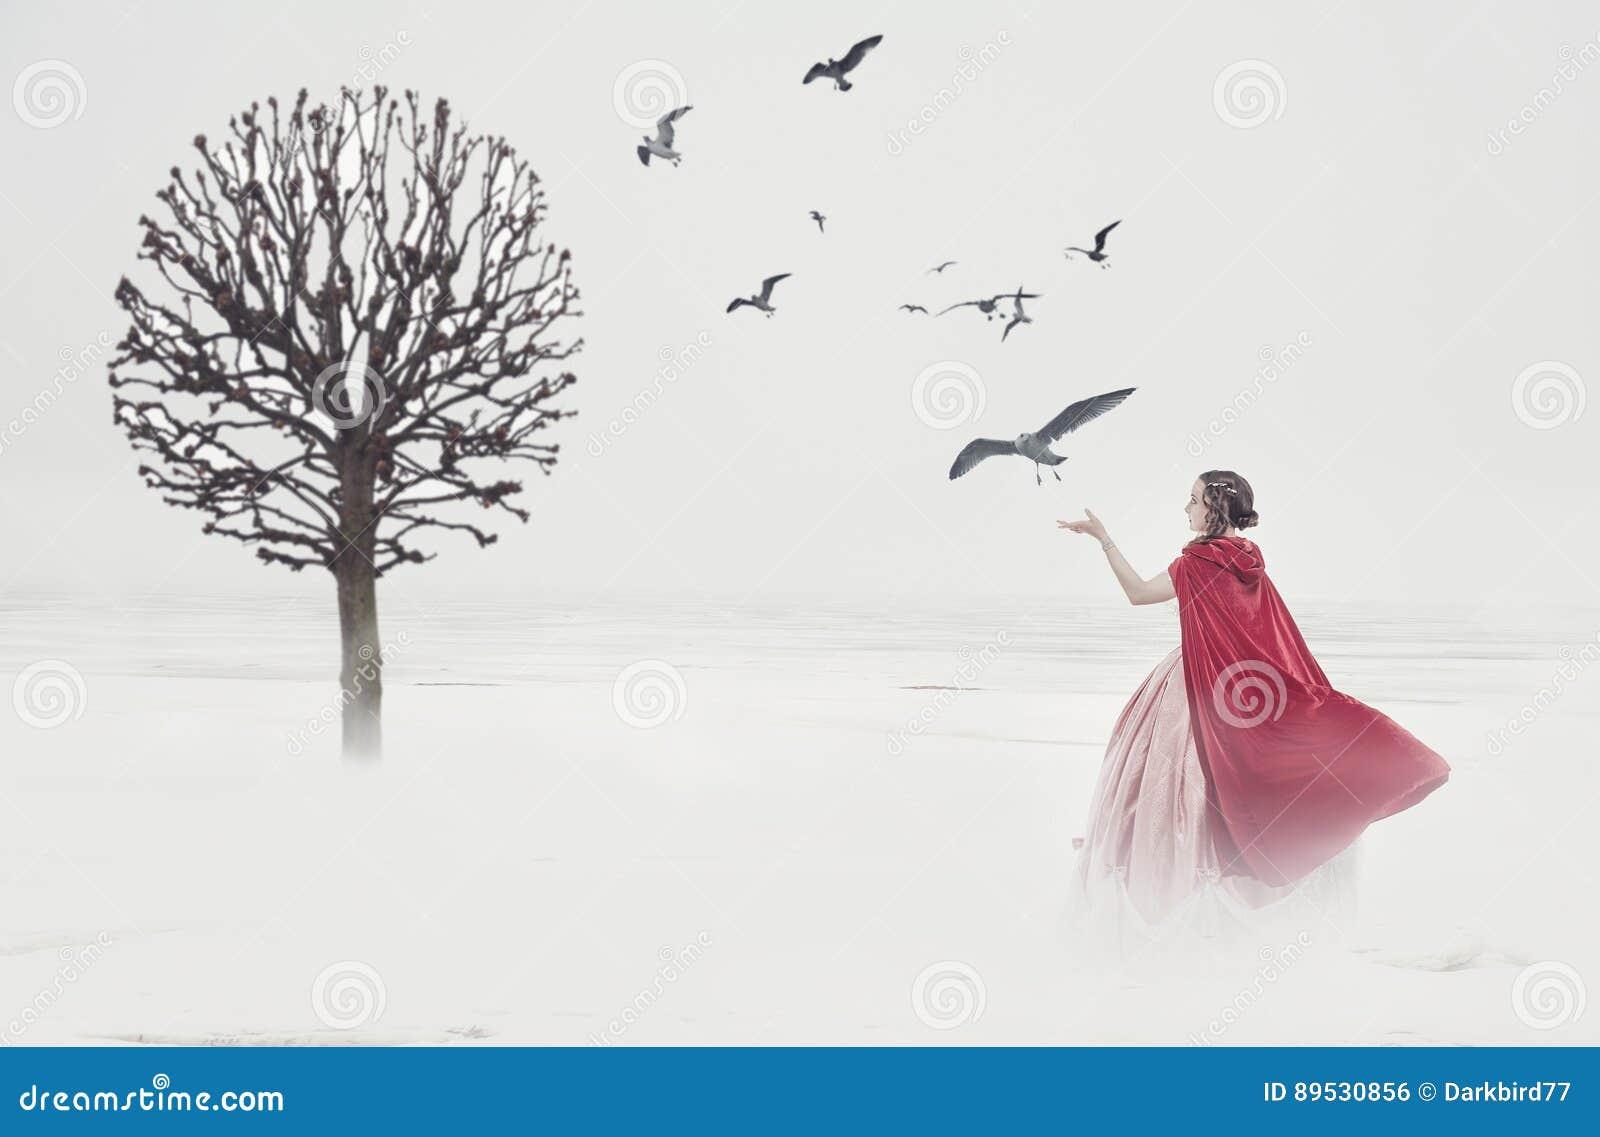 Mulher bonita no vestido medieval com os pássaros no campo nevoento